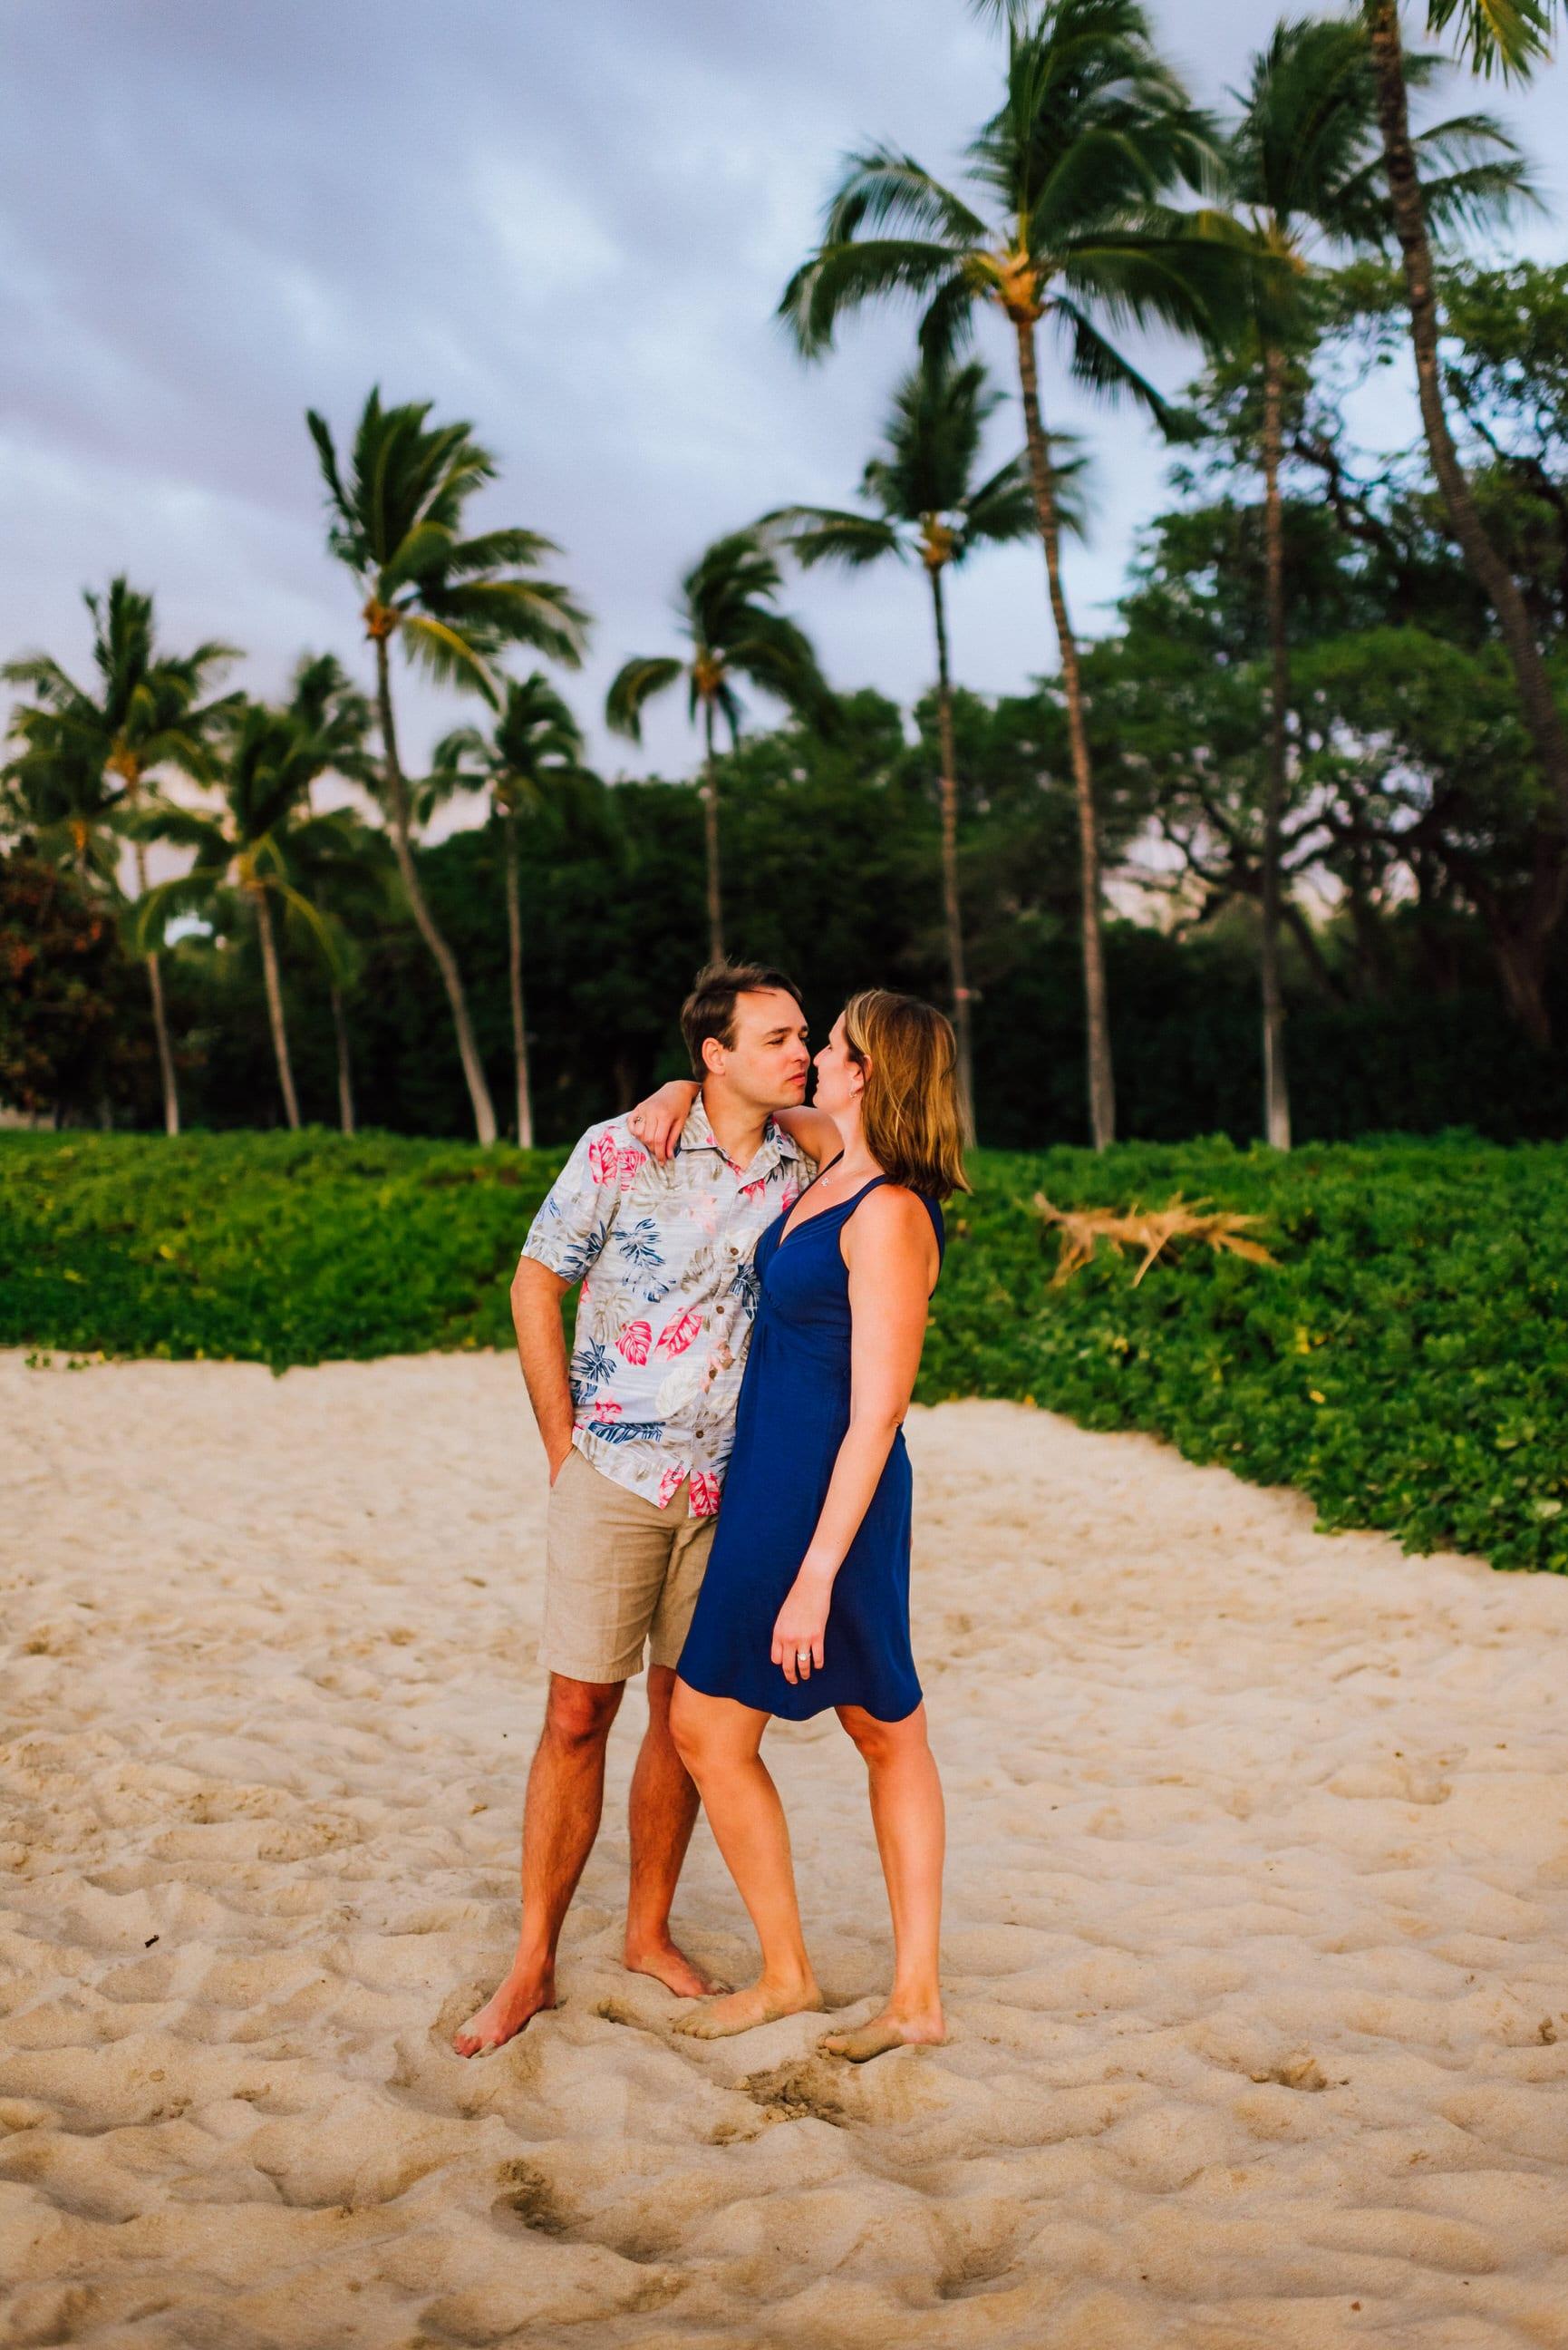 Mauna-Kea-Sunset-Honeymoon-Photographer-Hawaii-Big-Island-1.jpg